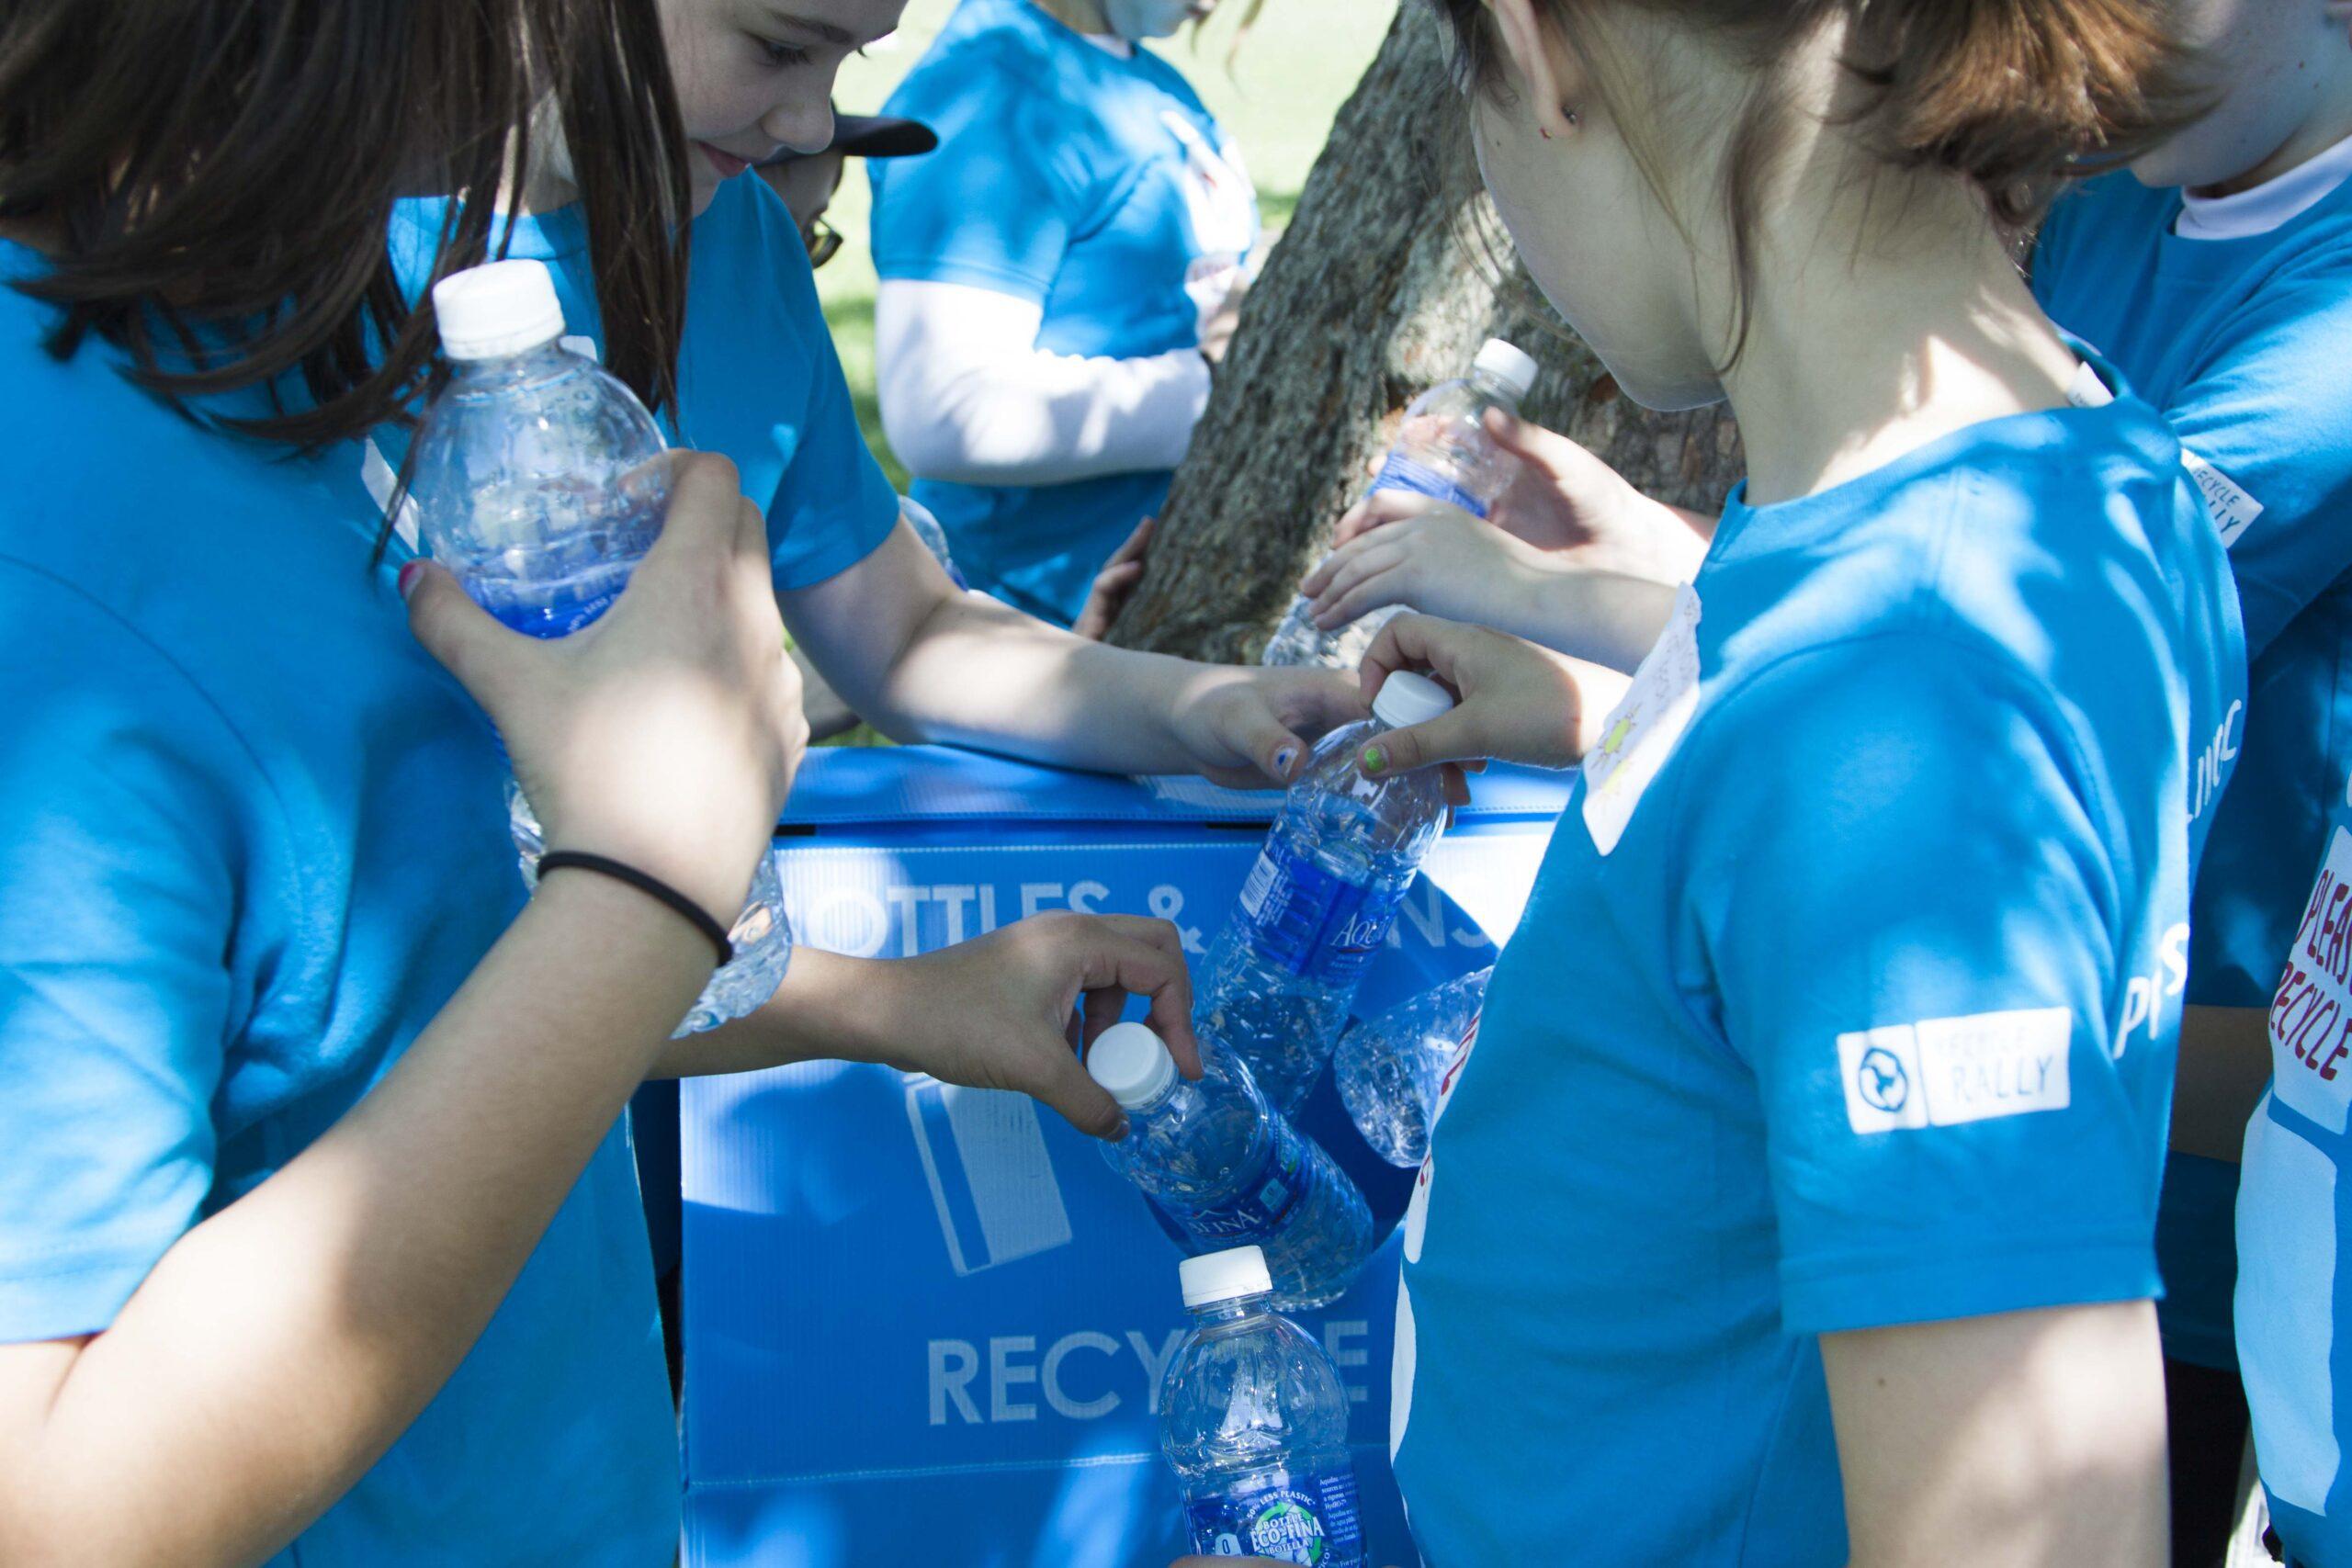 Kids recycling bottles in blue